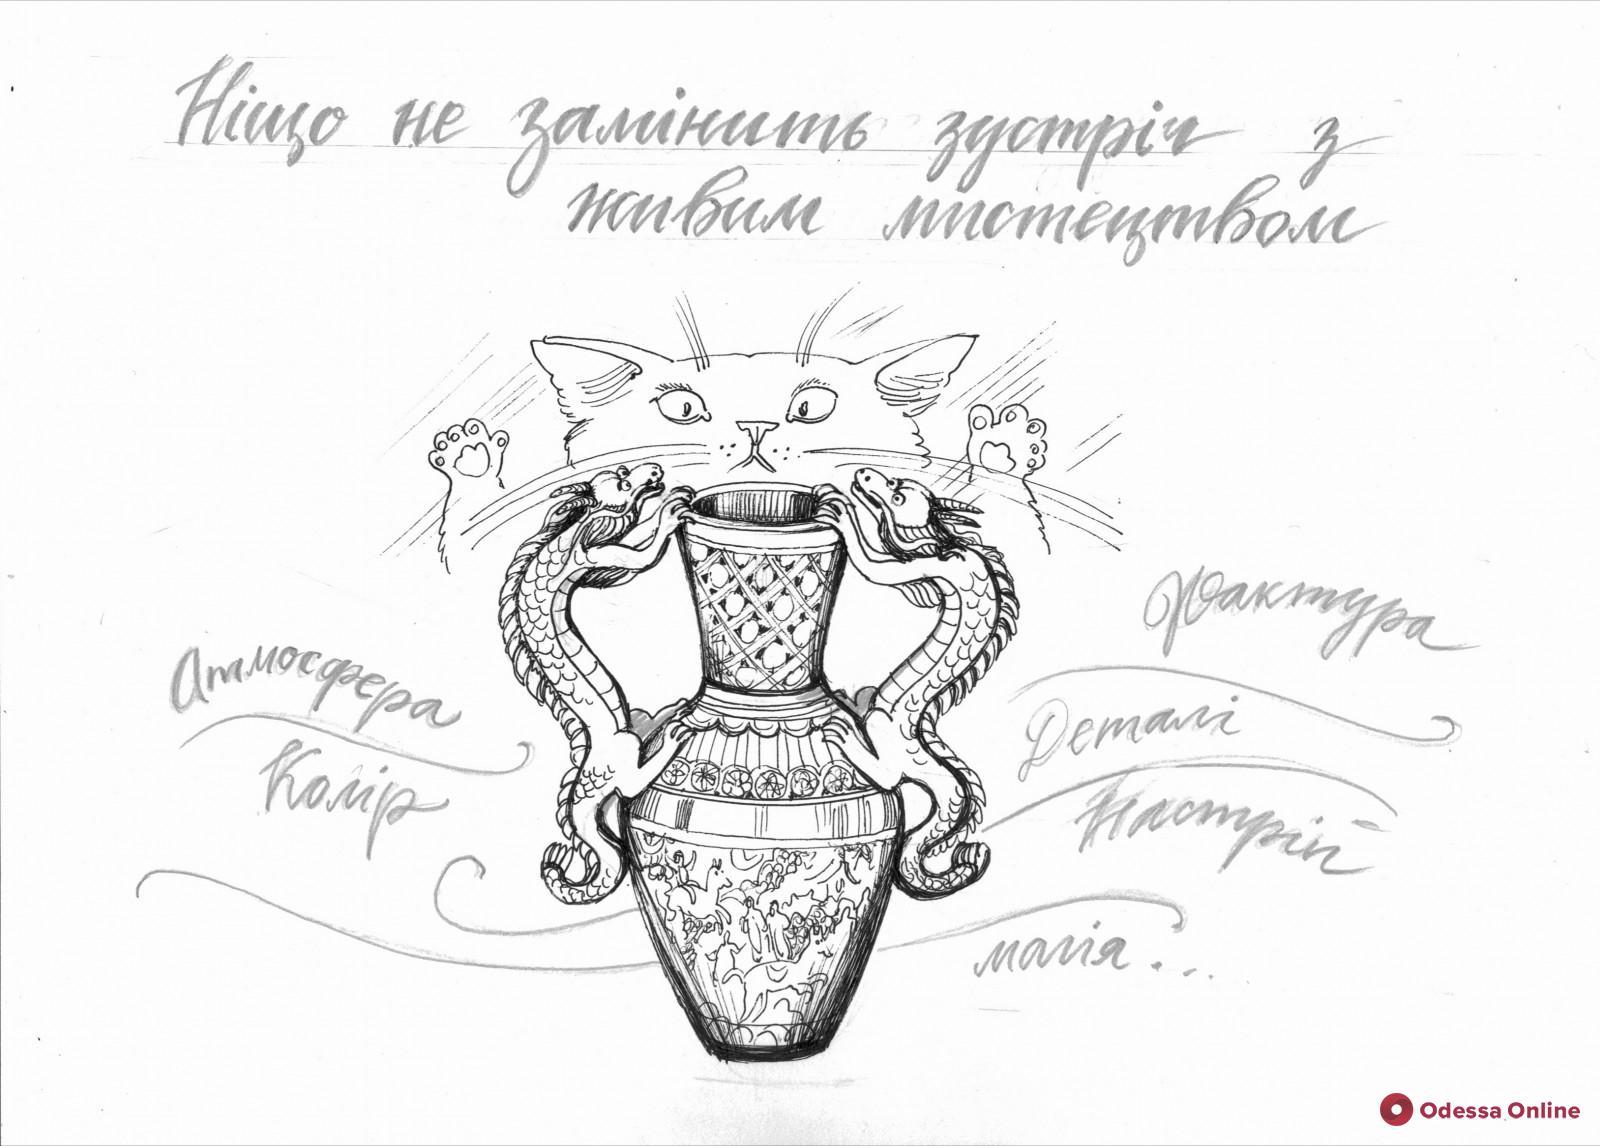 Музей Блещунова выпустит серию комиксов